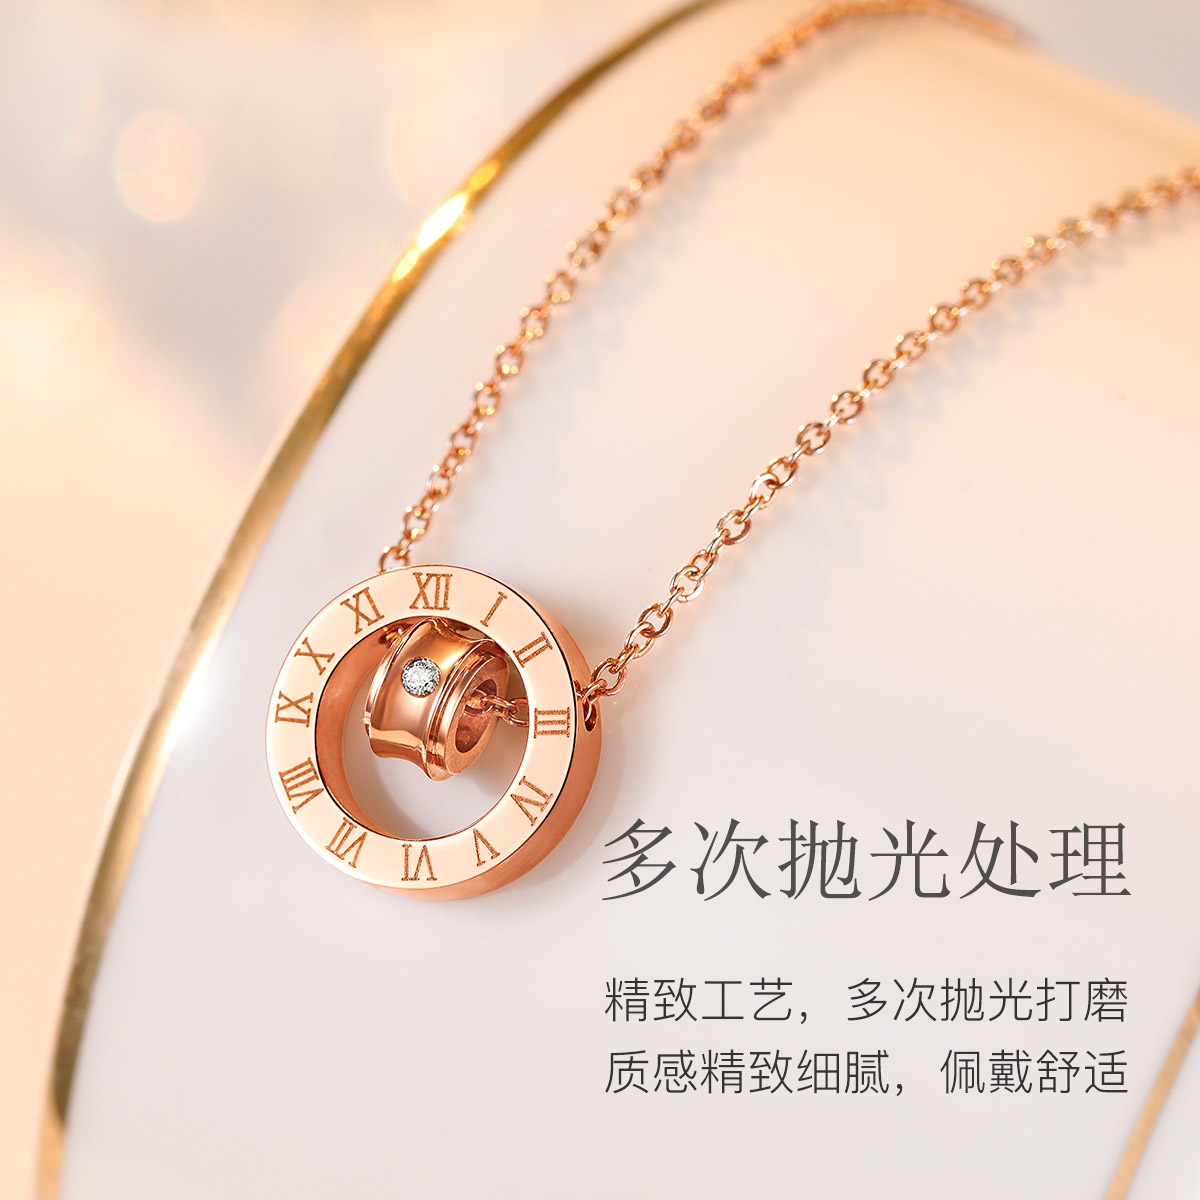 菲钻天然钻石项链罗马数字轻奢项链时尚钻石网红圆环锁骨链带证书